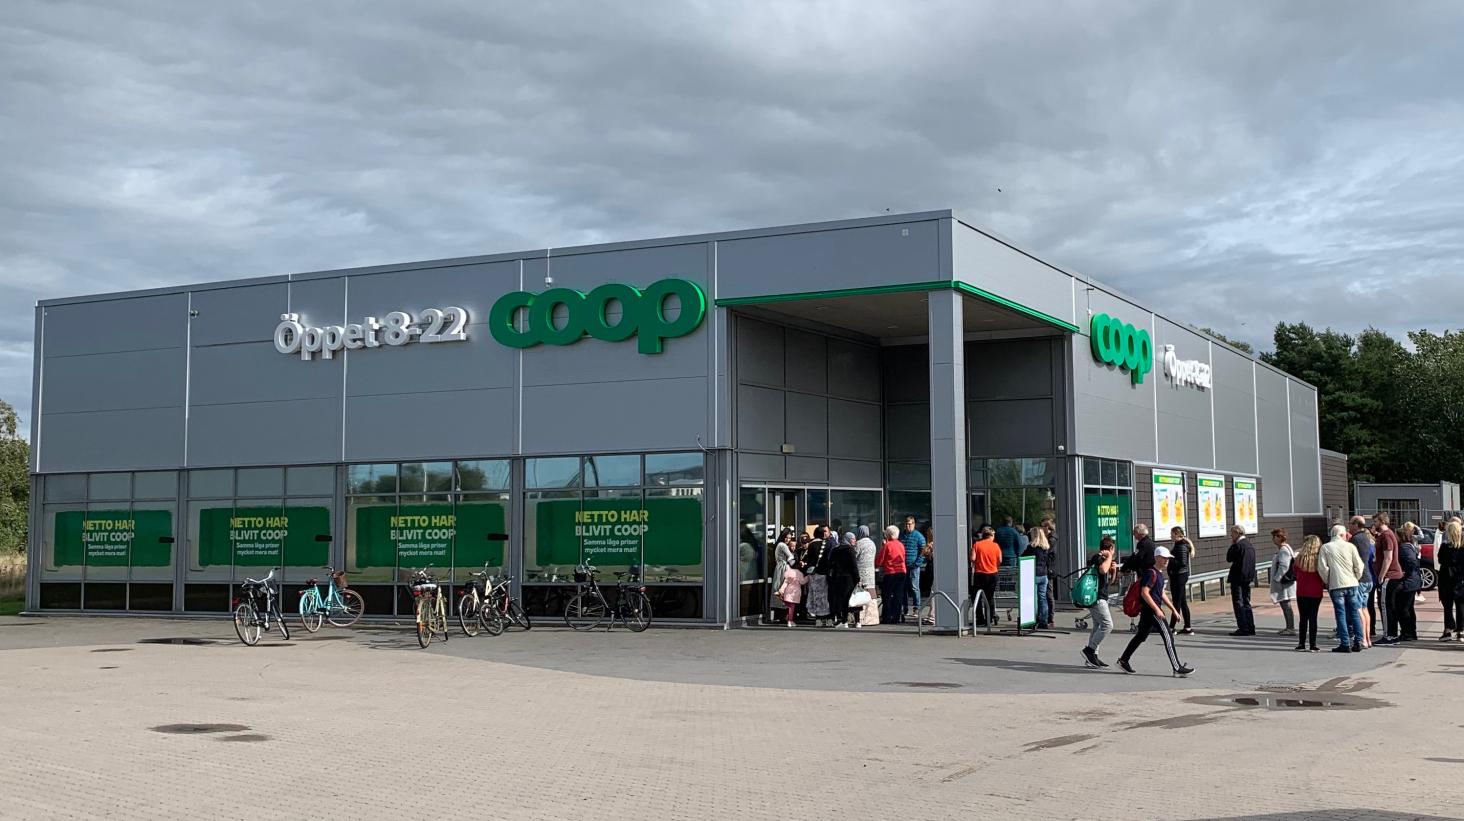 Nytt Coopbolag kommer att driva fyra Nettobutiker i östra Småland